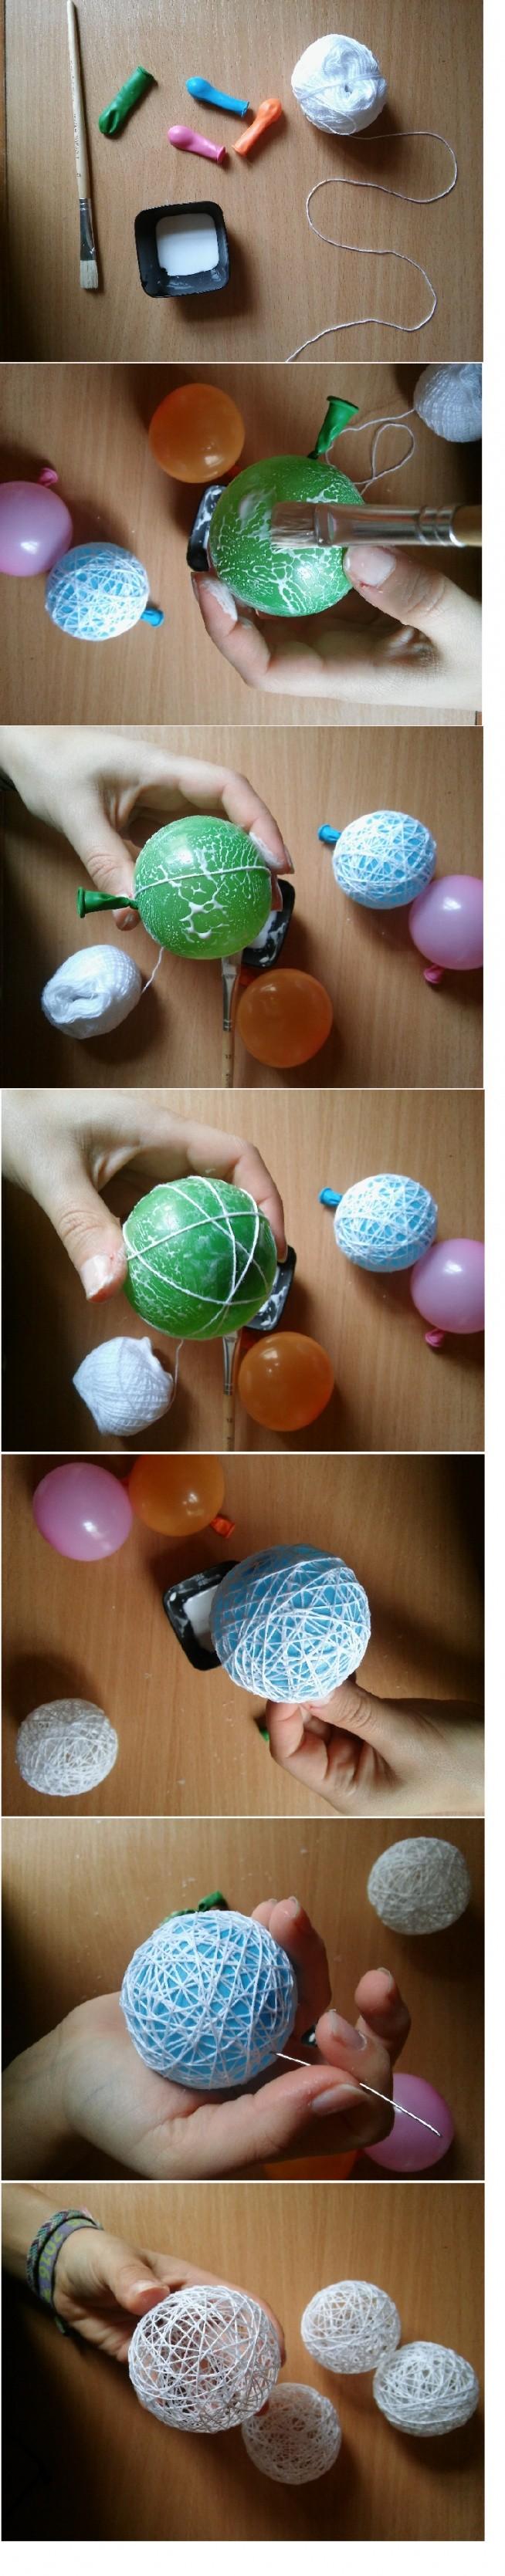 Łatwy sposób robienia kuli na lampki! 1) wikol + kordonek + balony 2) nadmuchać balony i pomalować klejem 3) Owijać kordonkiem 4) co jakiś czas posmarować klejem 5) Poczekać aż wyschnie 6) Przebić igłą